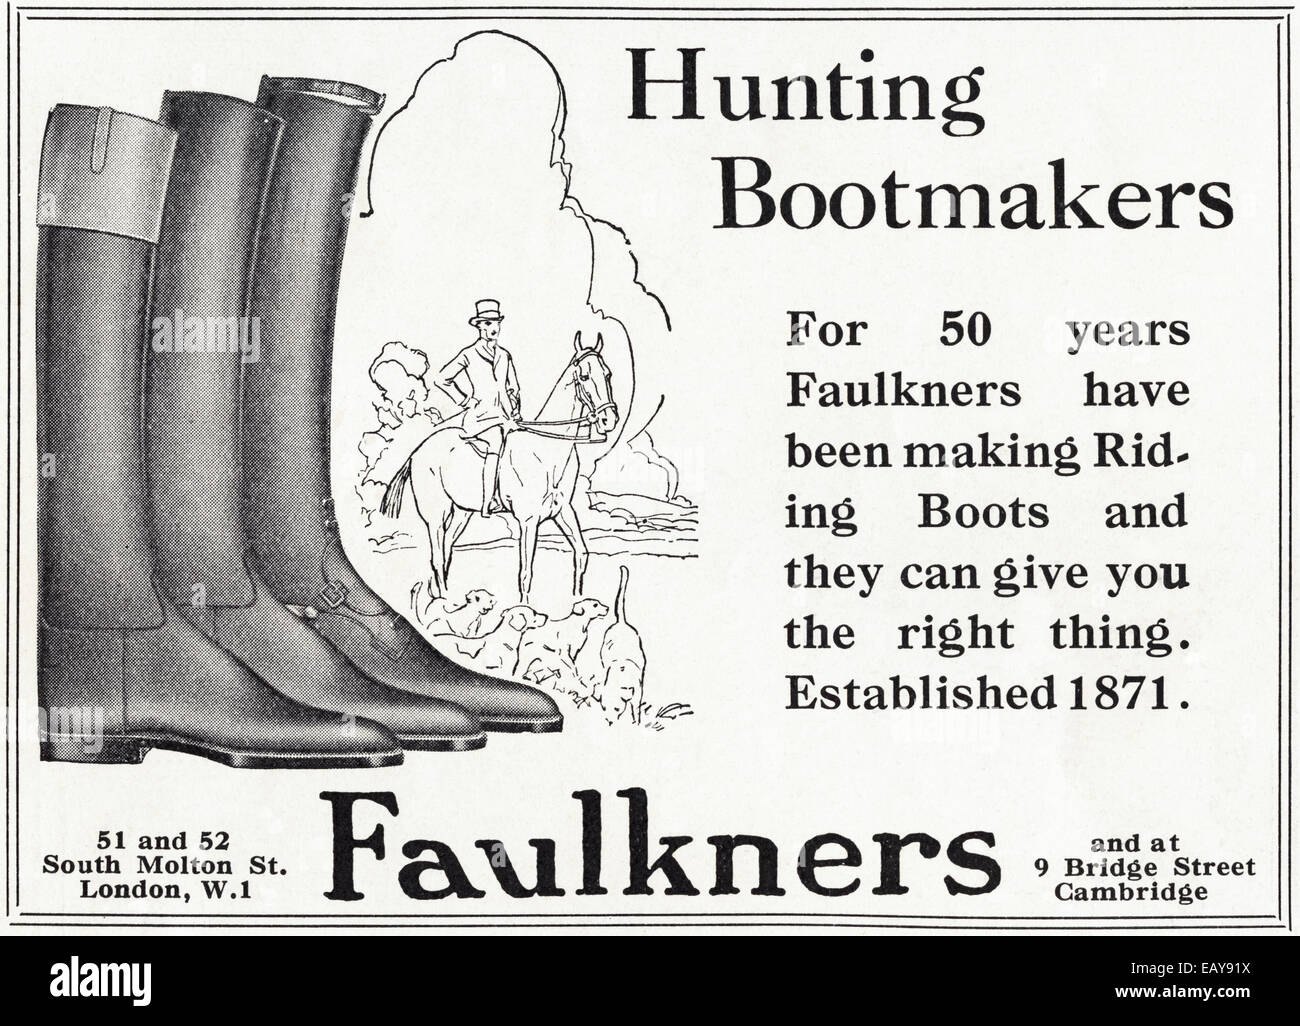 36aef47e7ef 1920 Anuncio para FAULKNERS bootmakers caza de Londres y Cambridge en  Inglés magazine, fechado en